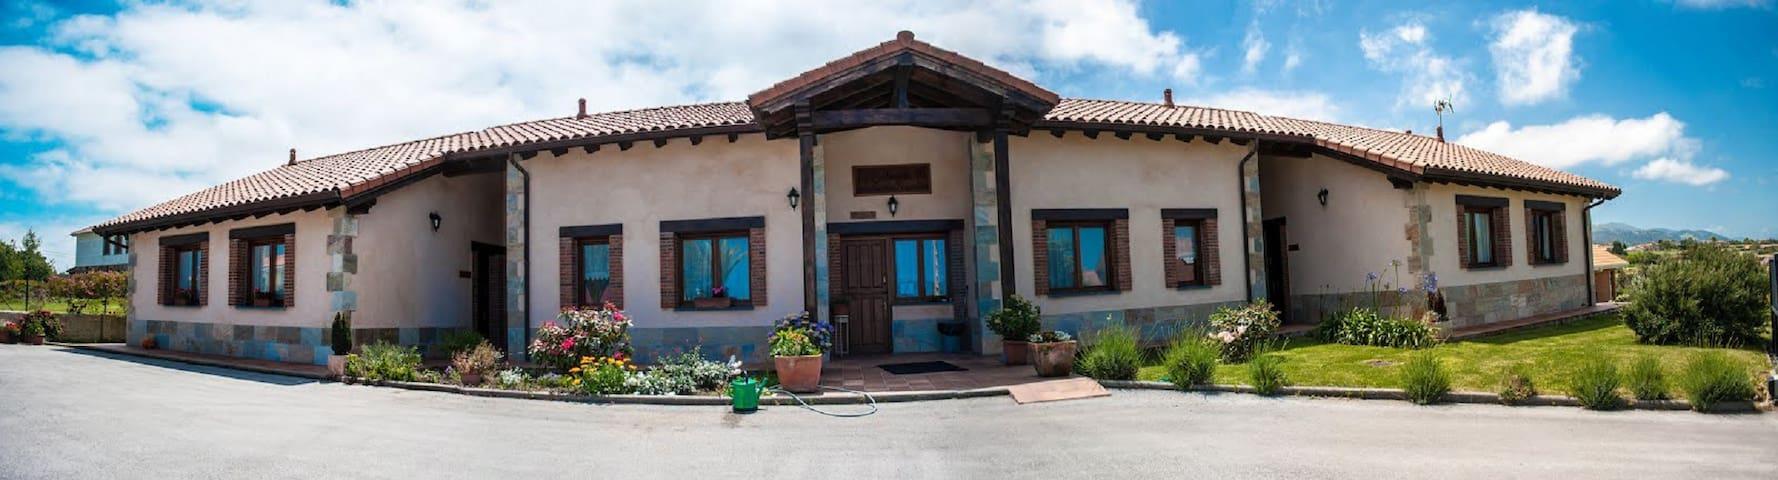 Aptos Rurales  para su tranquilidad SANCIDIELLO - Valdredo - Pis